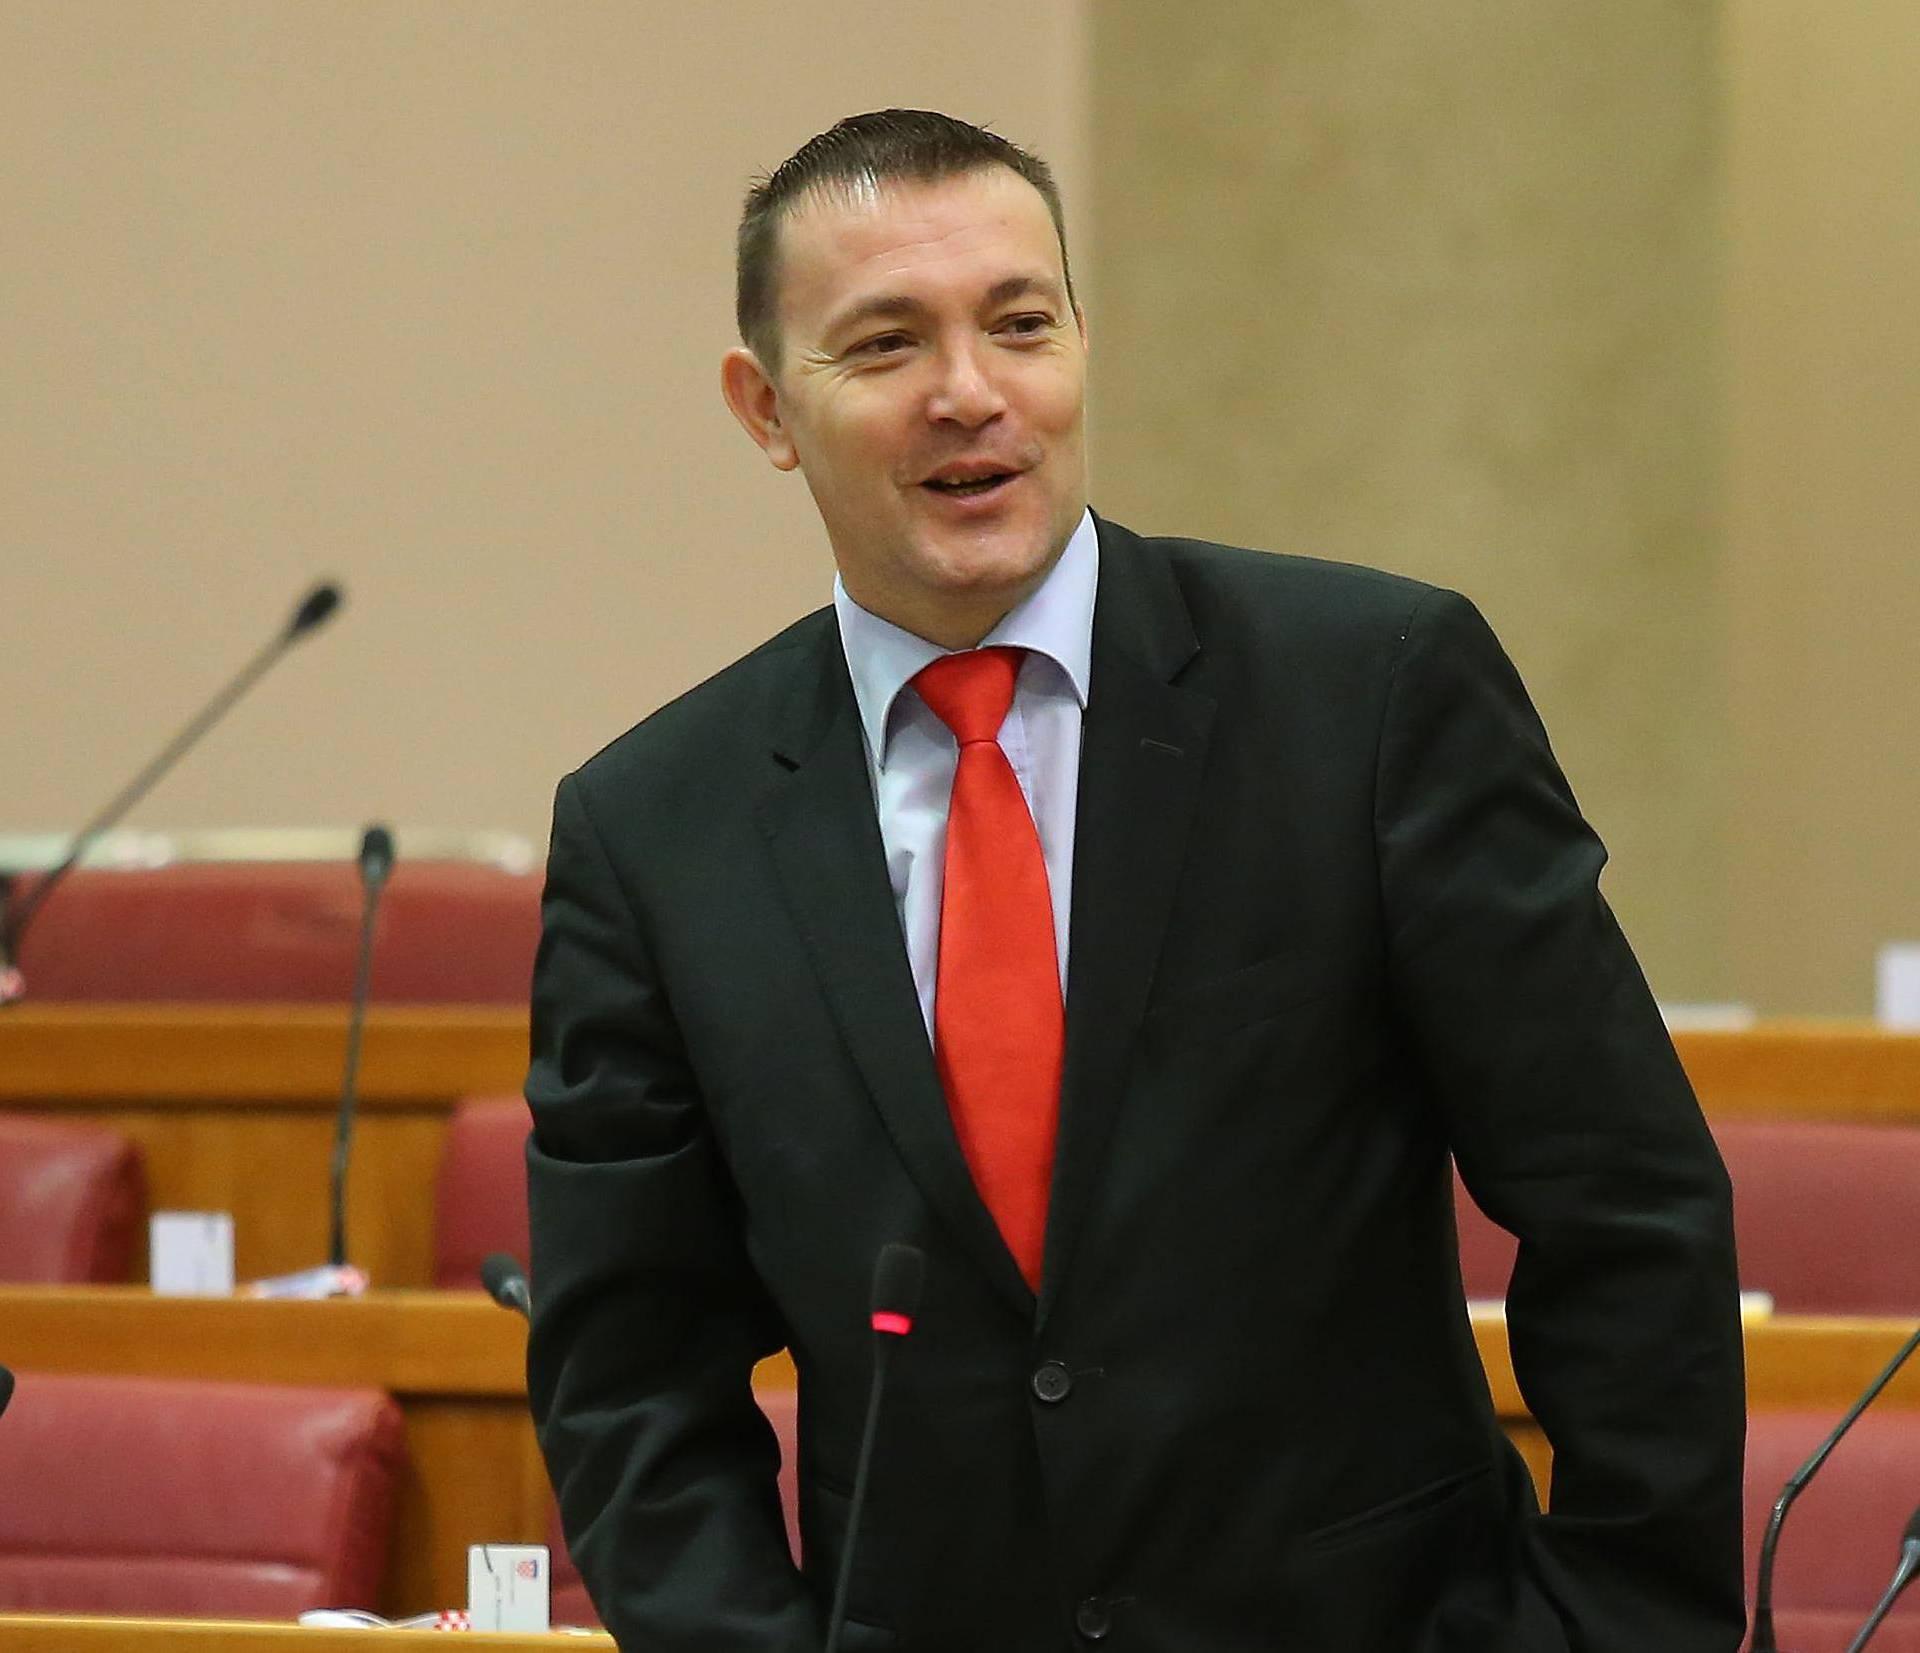 SDP: Premijer ima povrijeđen ego, a učitelji pate zbog toga